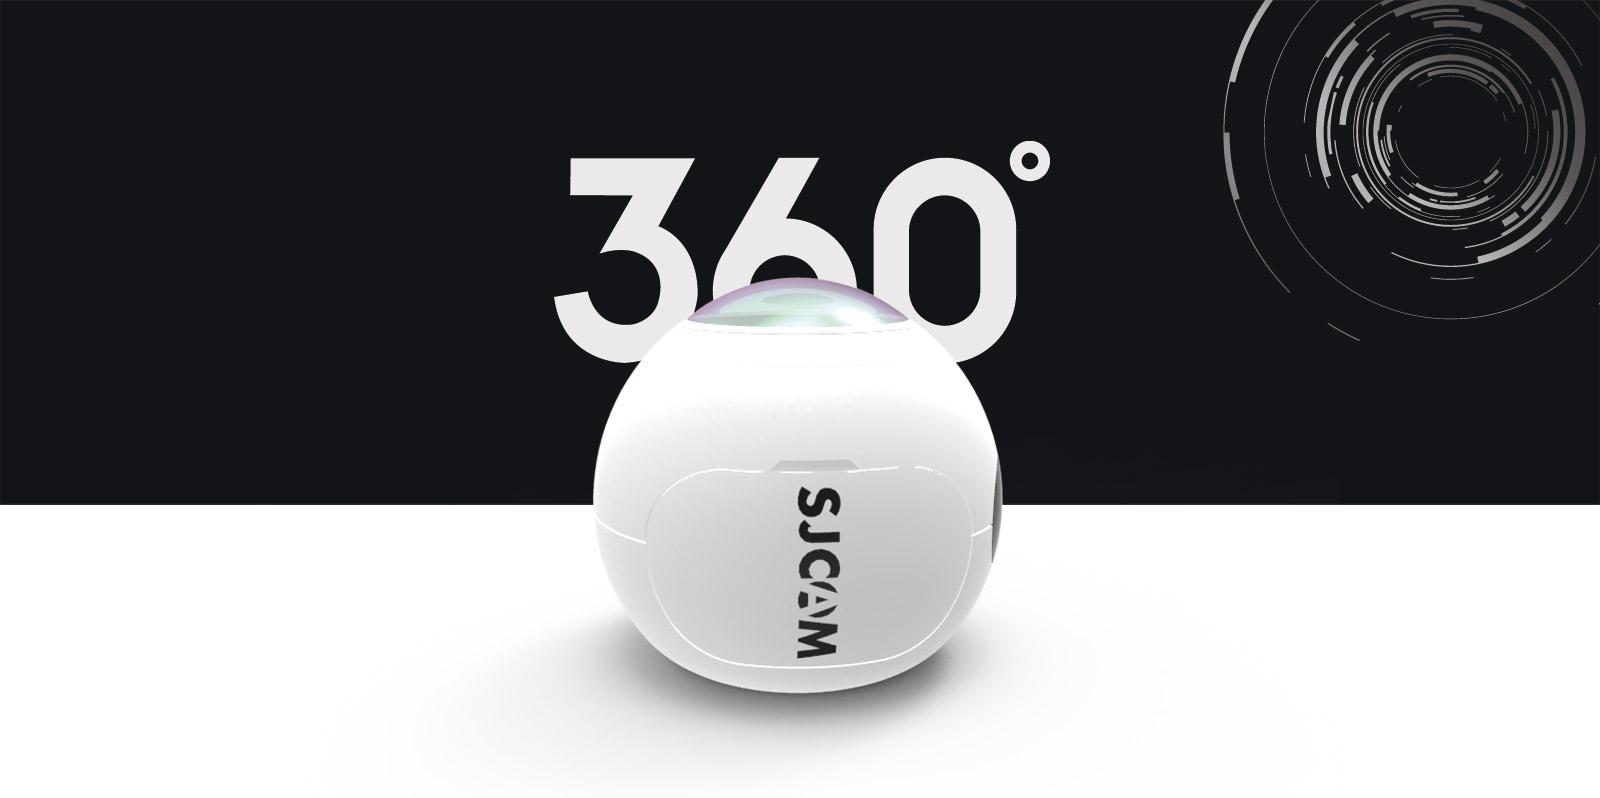 SJCAM SJ360, grabando en todos los ángulos